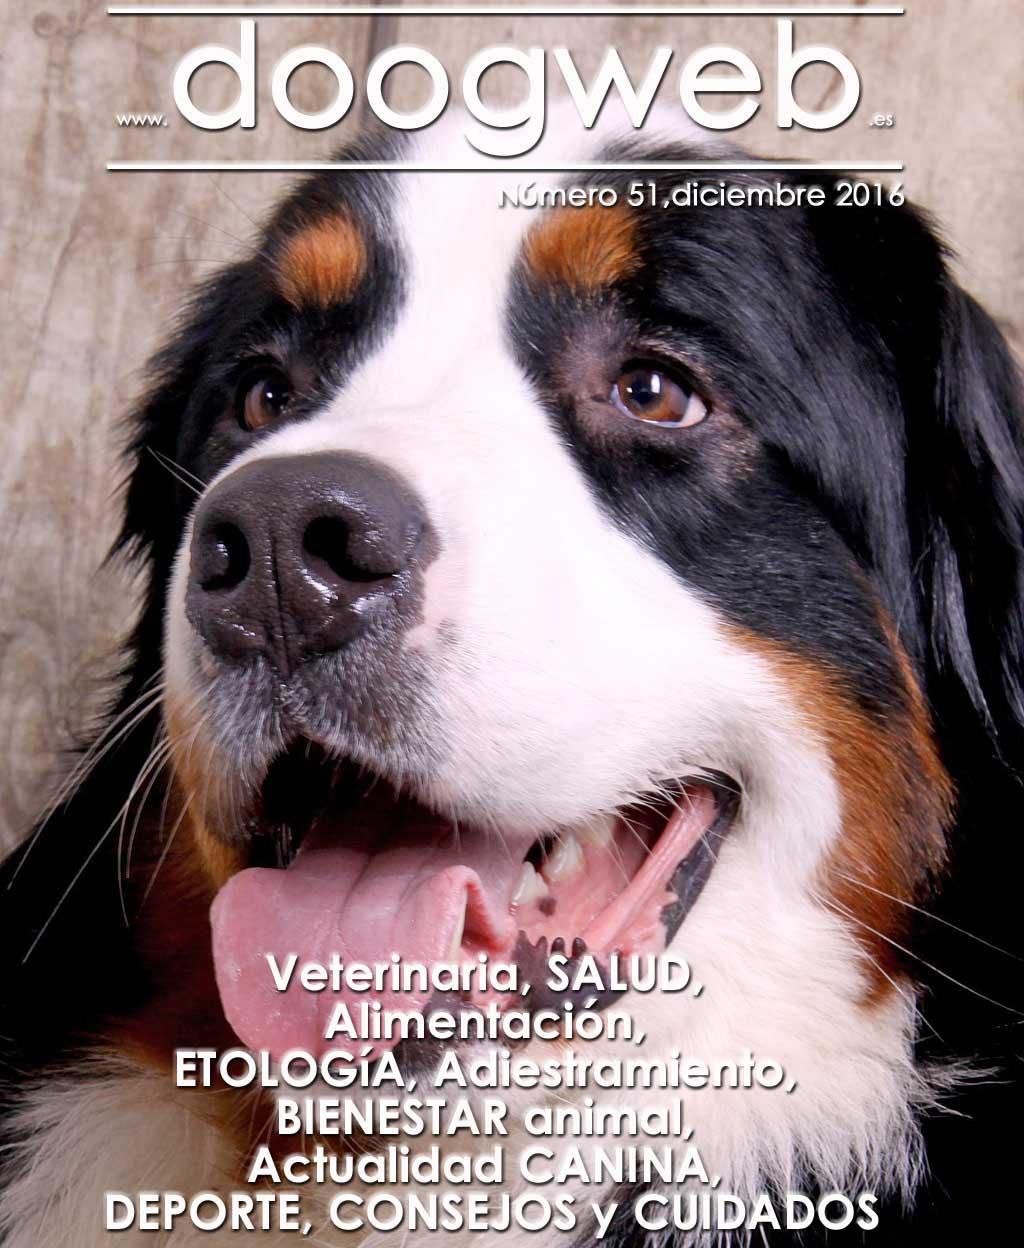 Revista gratis de Doogweb, diciembre 2016.